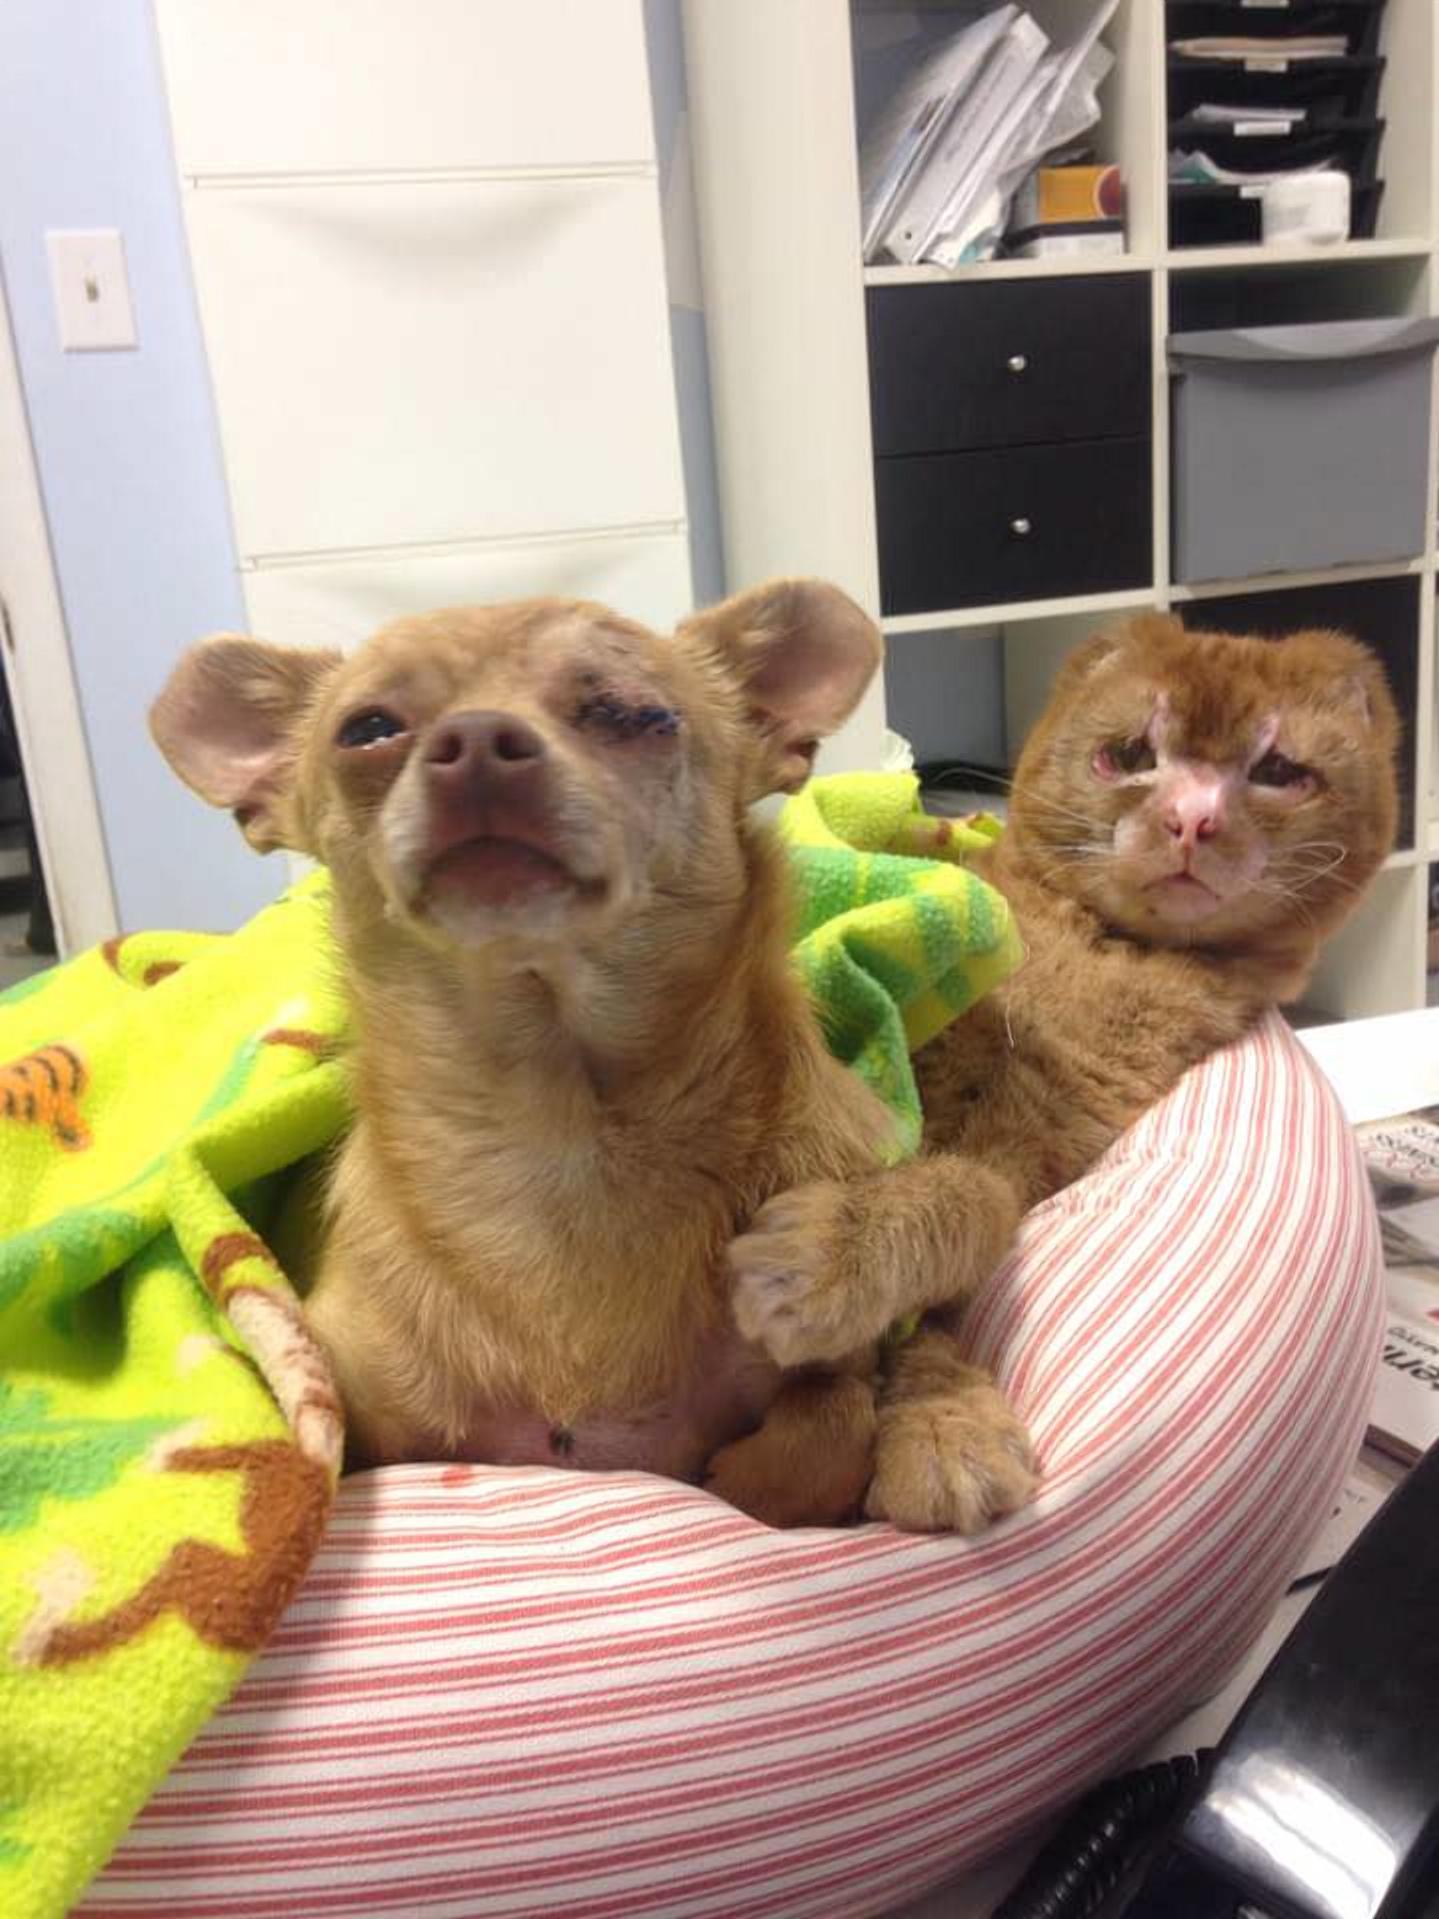 Фото: Animal Emergency Hospital / Facebook / с собакой Рокко